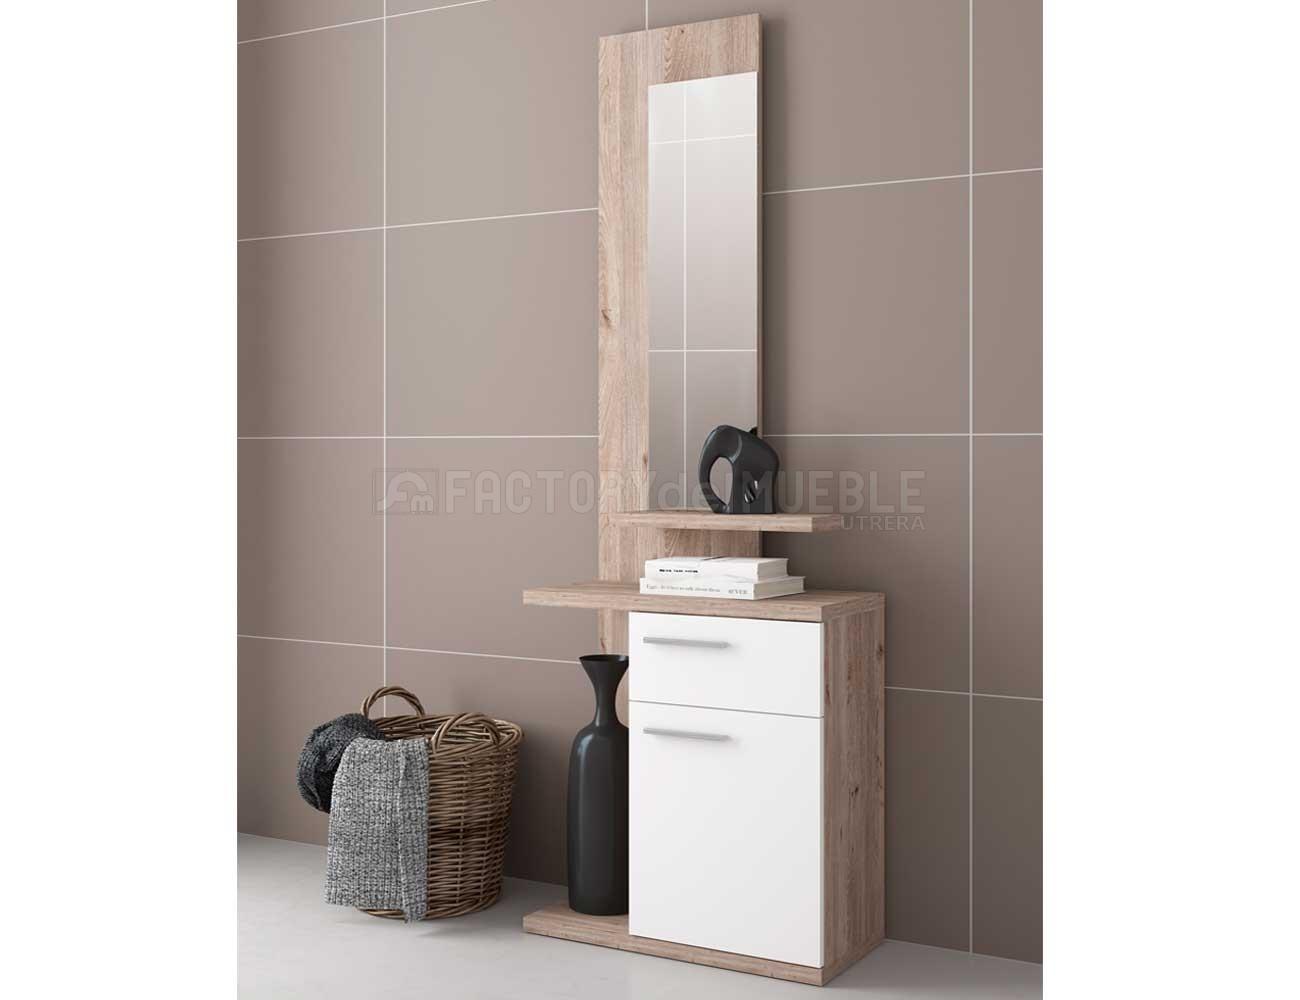 Recibidor con espejo integrado en nelson con blanco 22469 for Tu factory del mueble